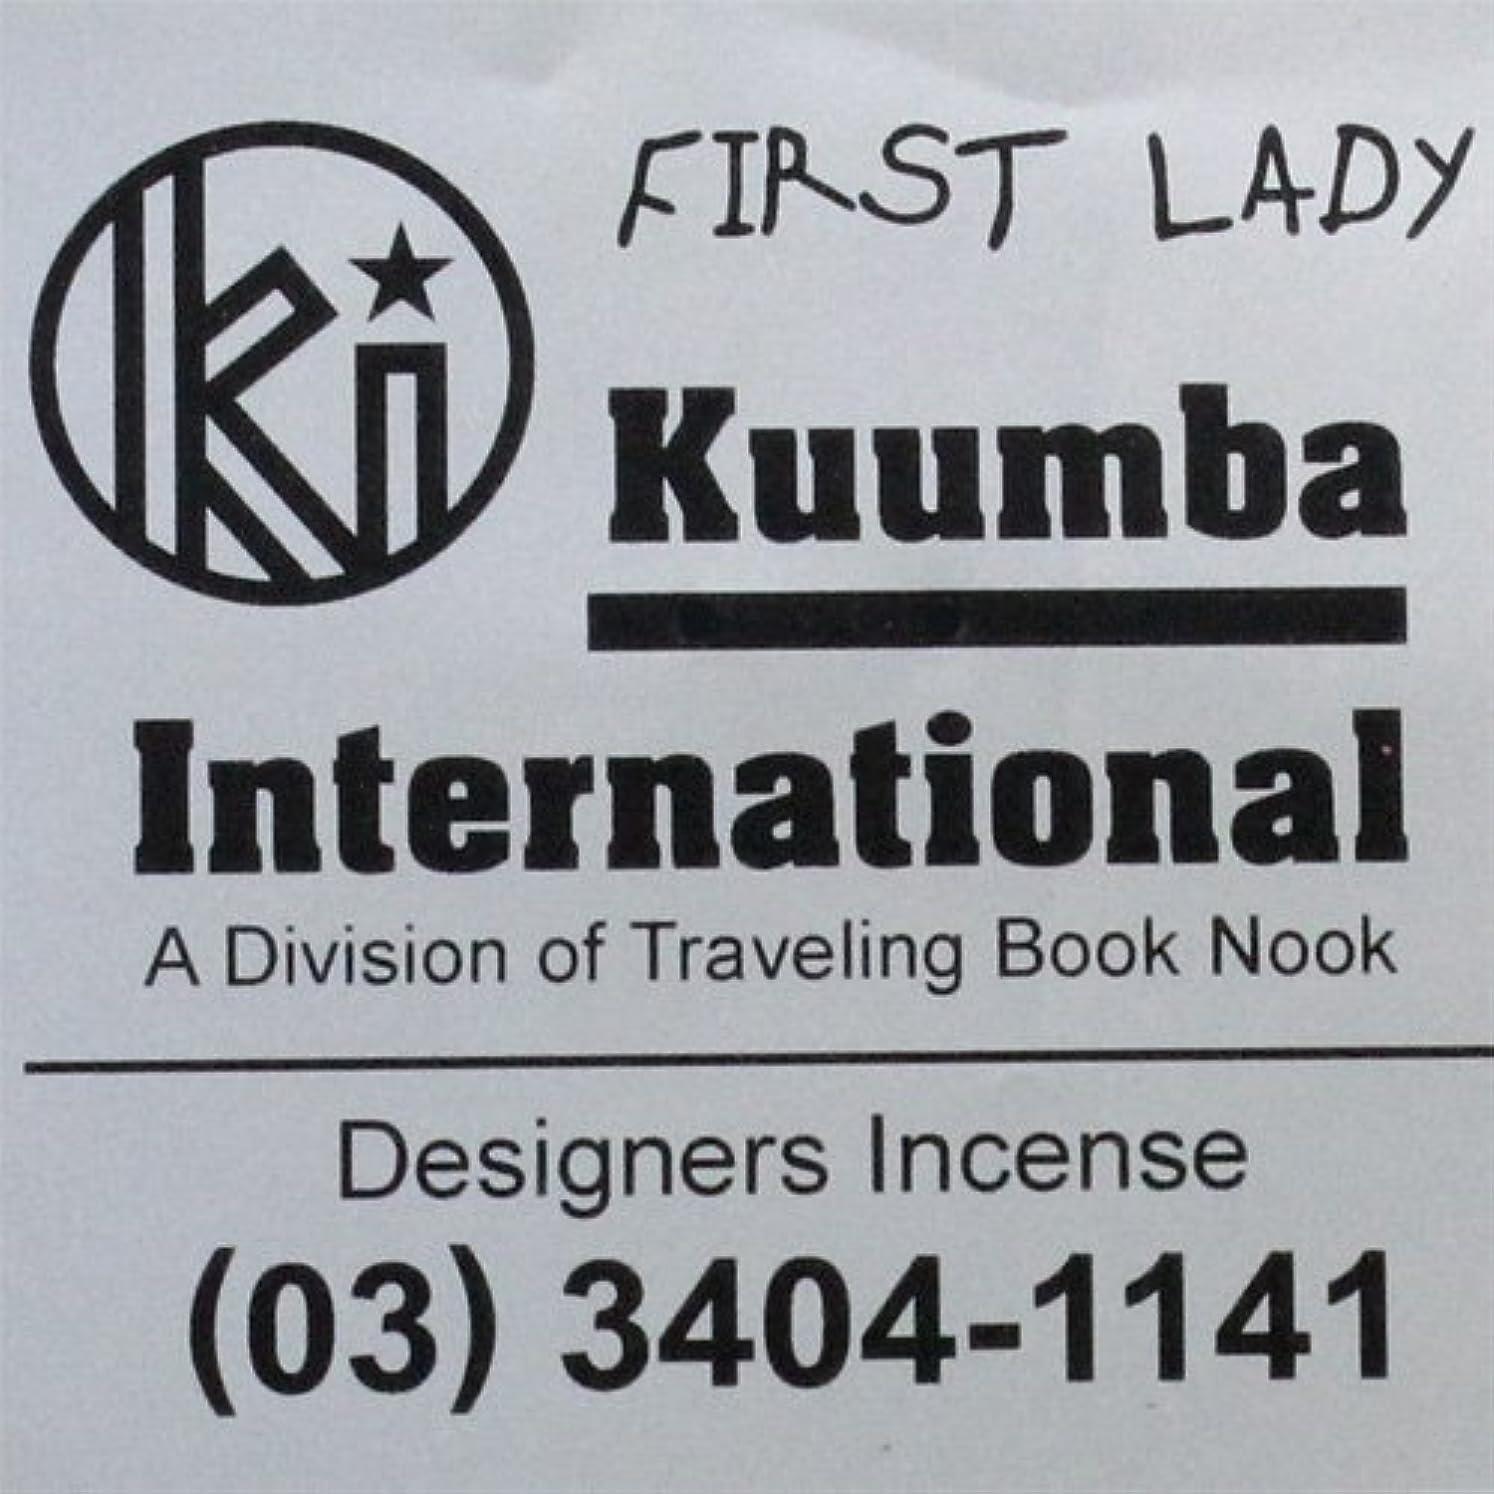 ケーブルカータンパク質お香KUUMBA / クンバ『incense』(First Lady) (Regular size)